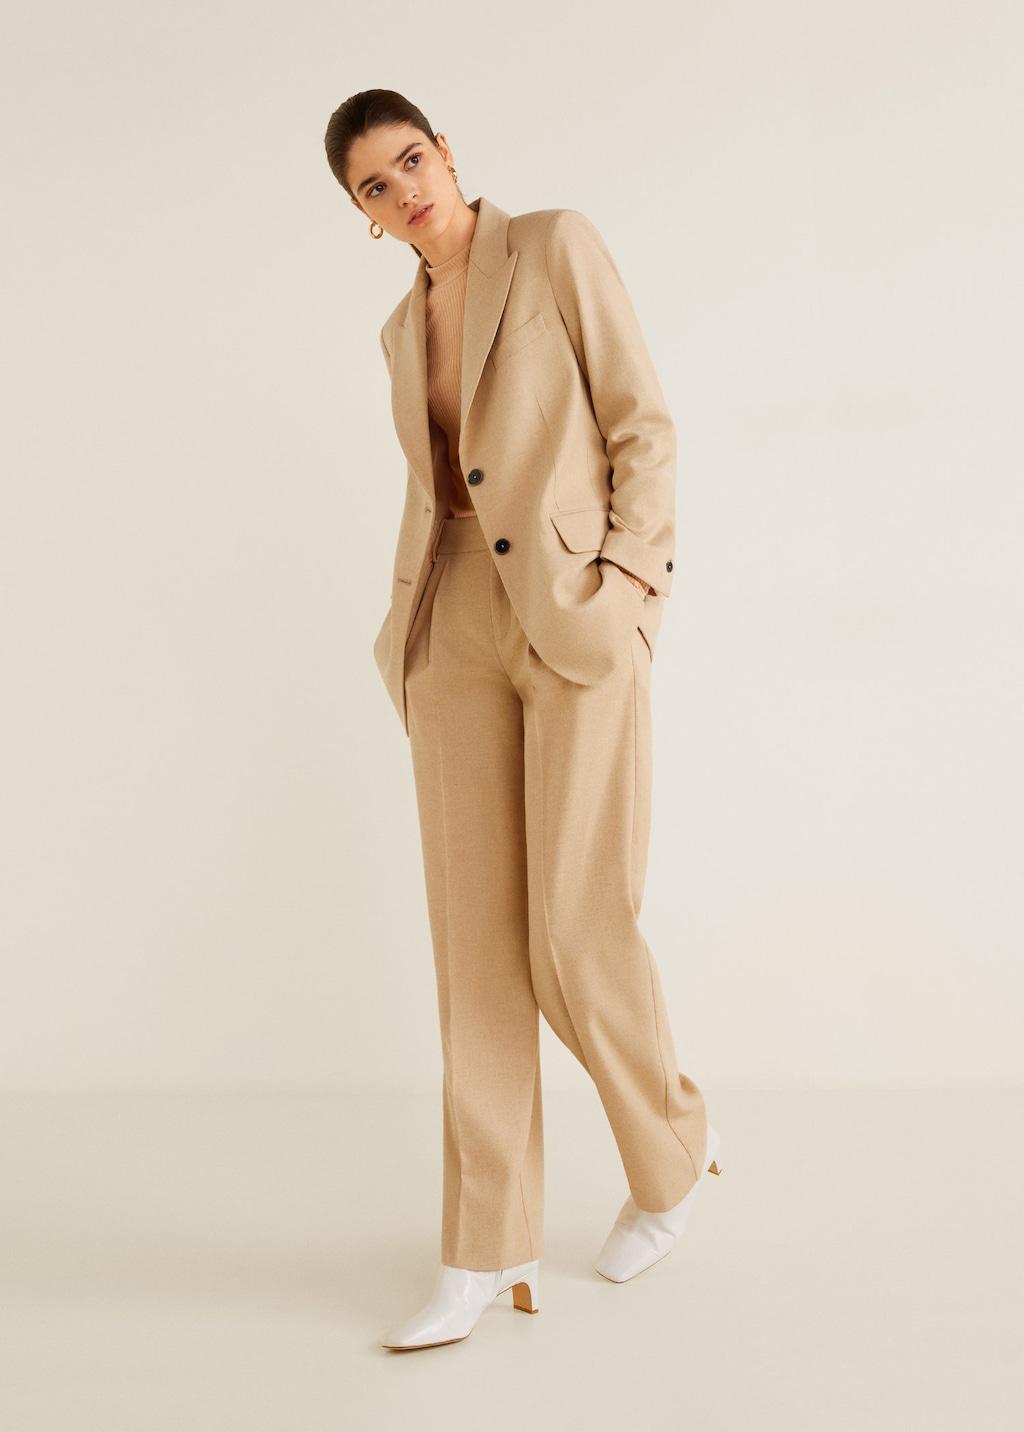 MANGO oatmeal suit jacket, $149.95   MANGO oatmeal suit pants, $99.95